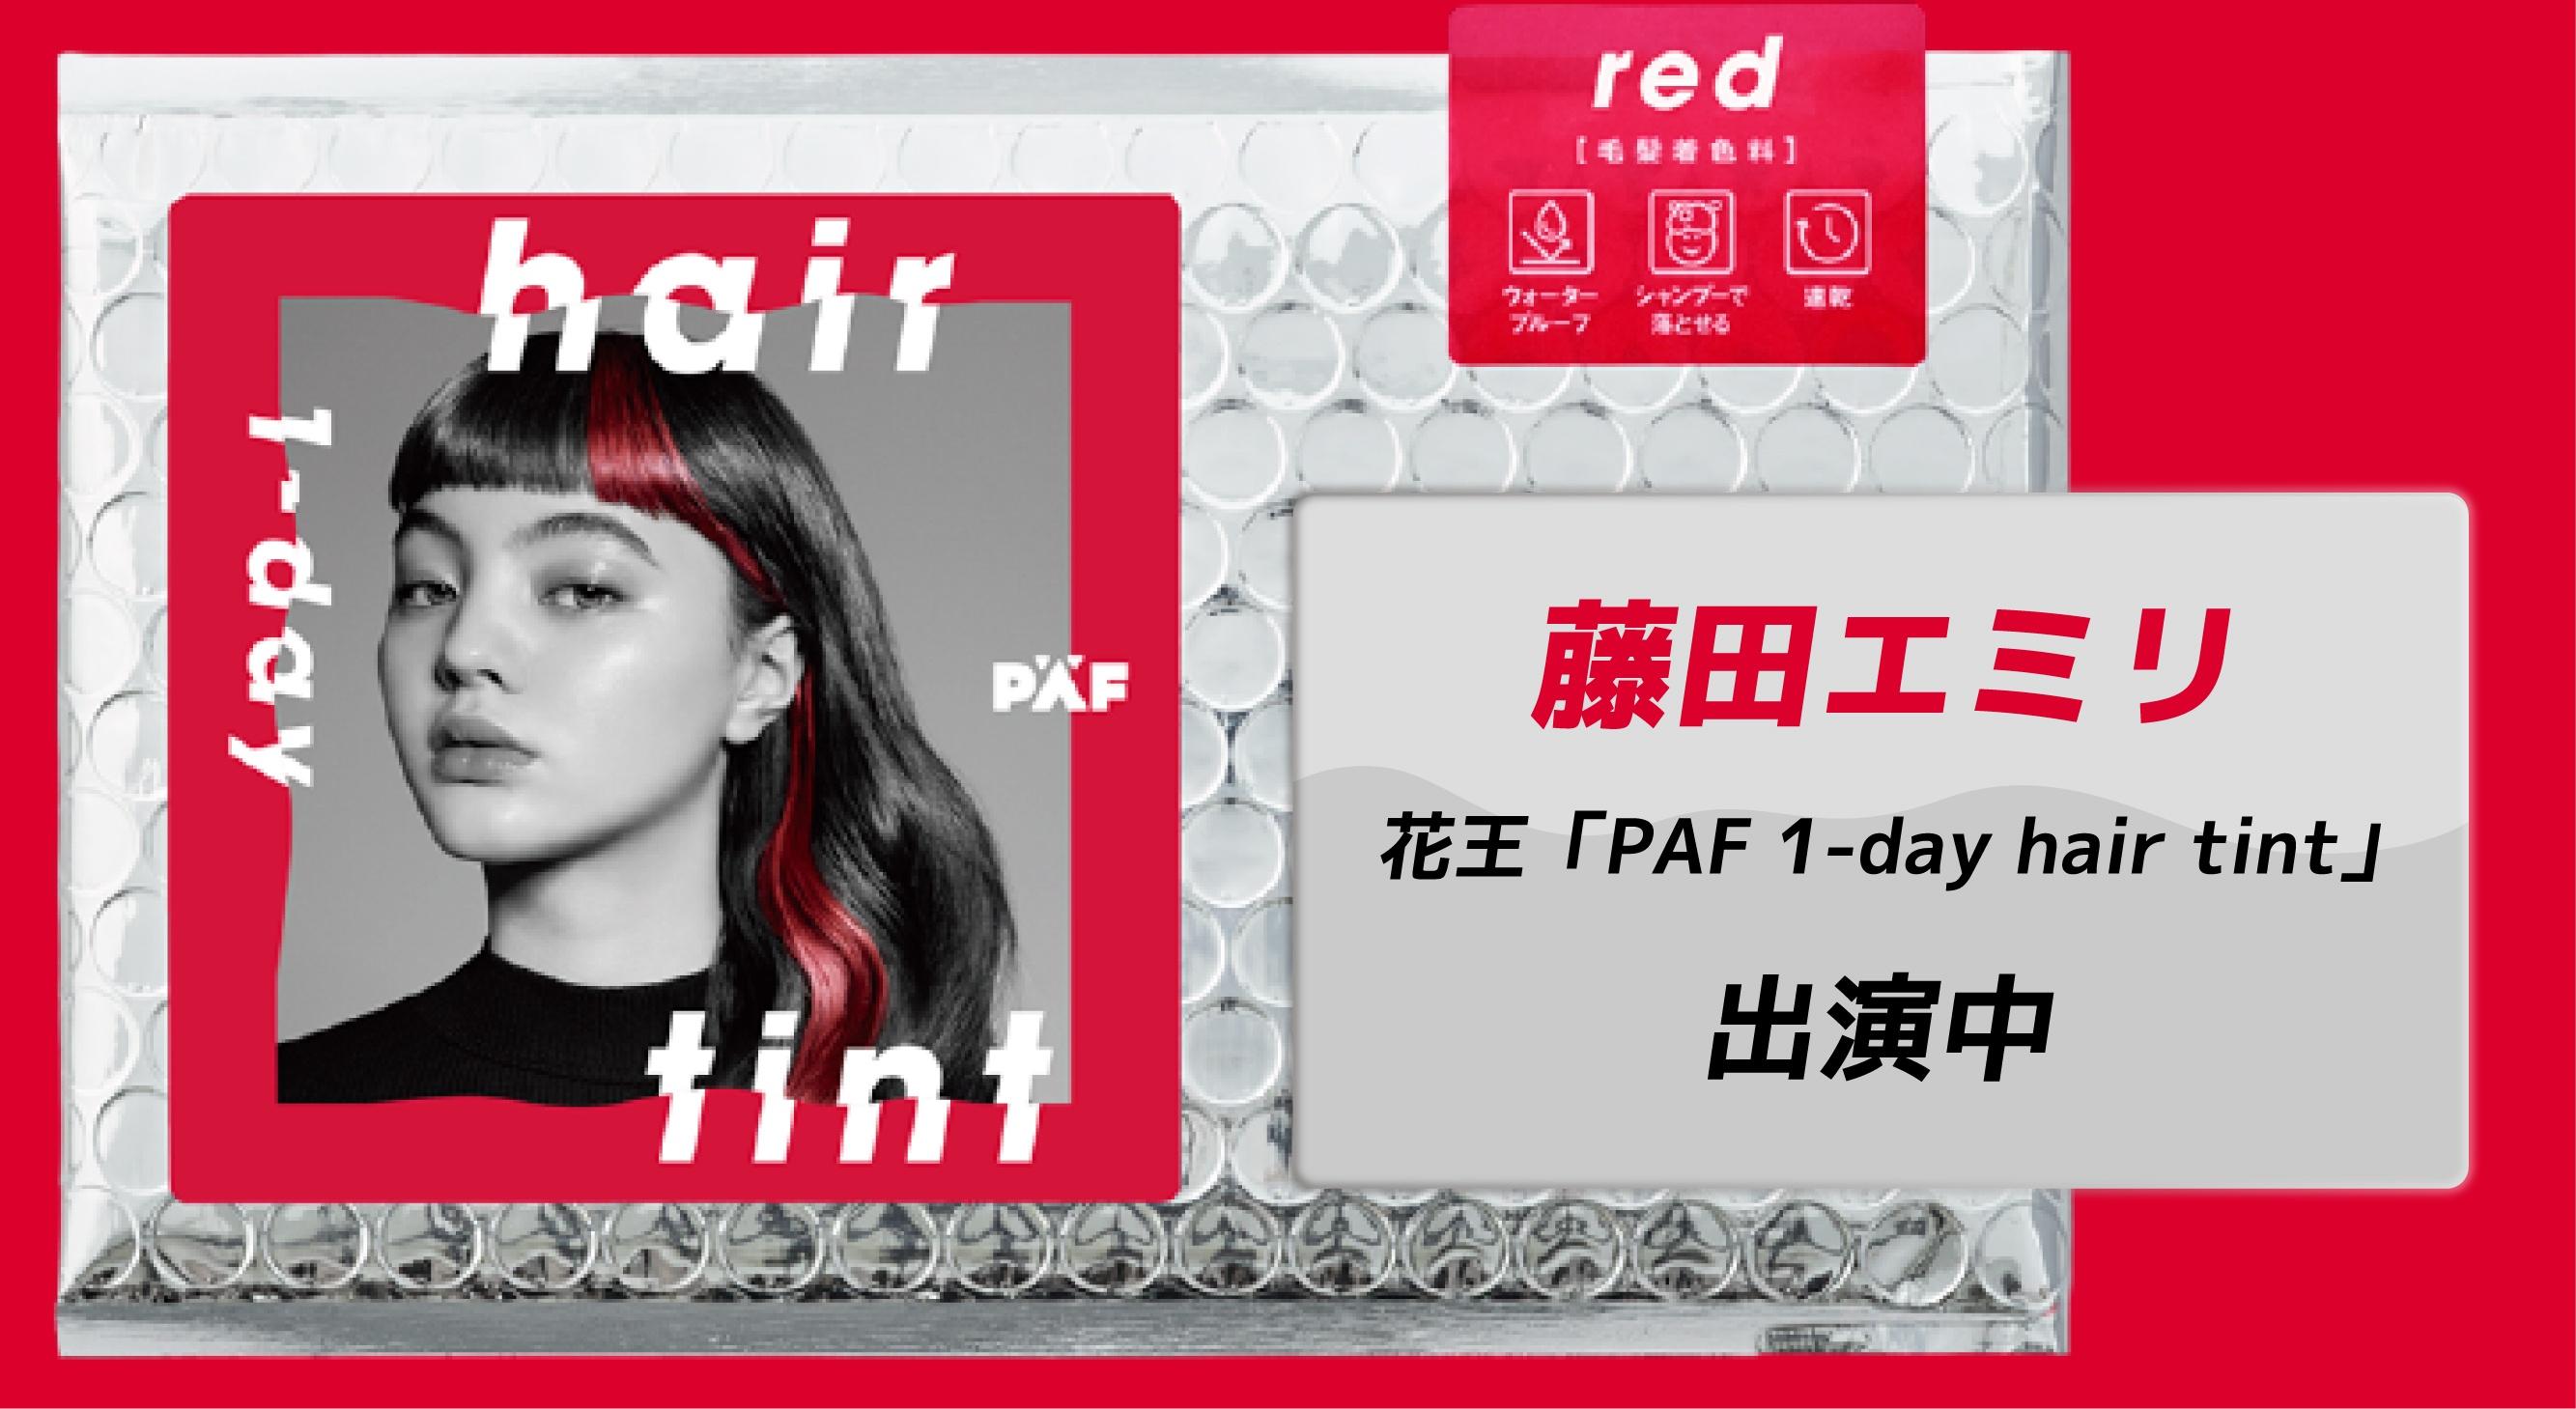 藤田エミリ 花王「PAF 1-day hair tint」